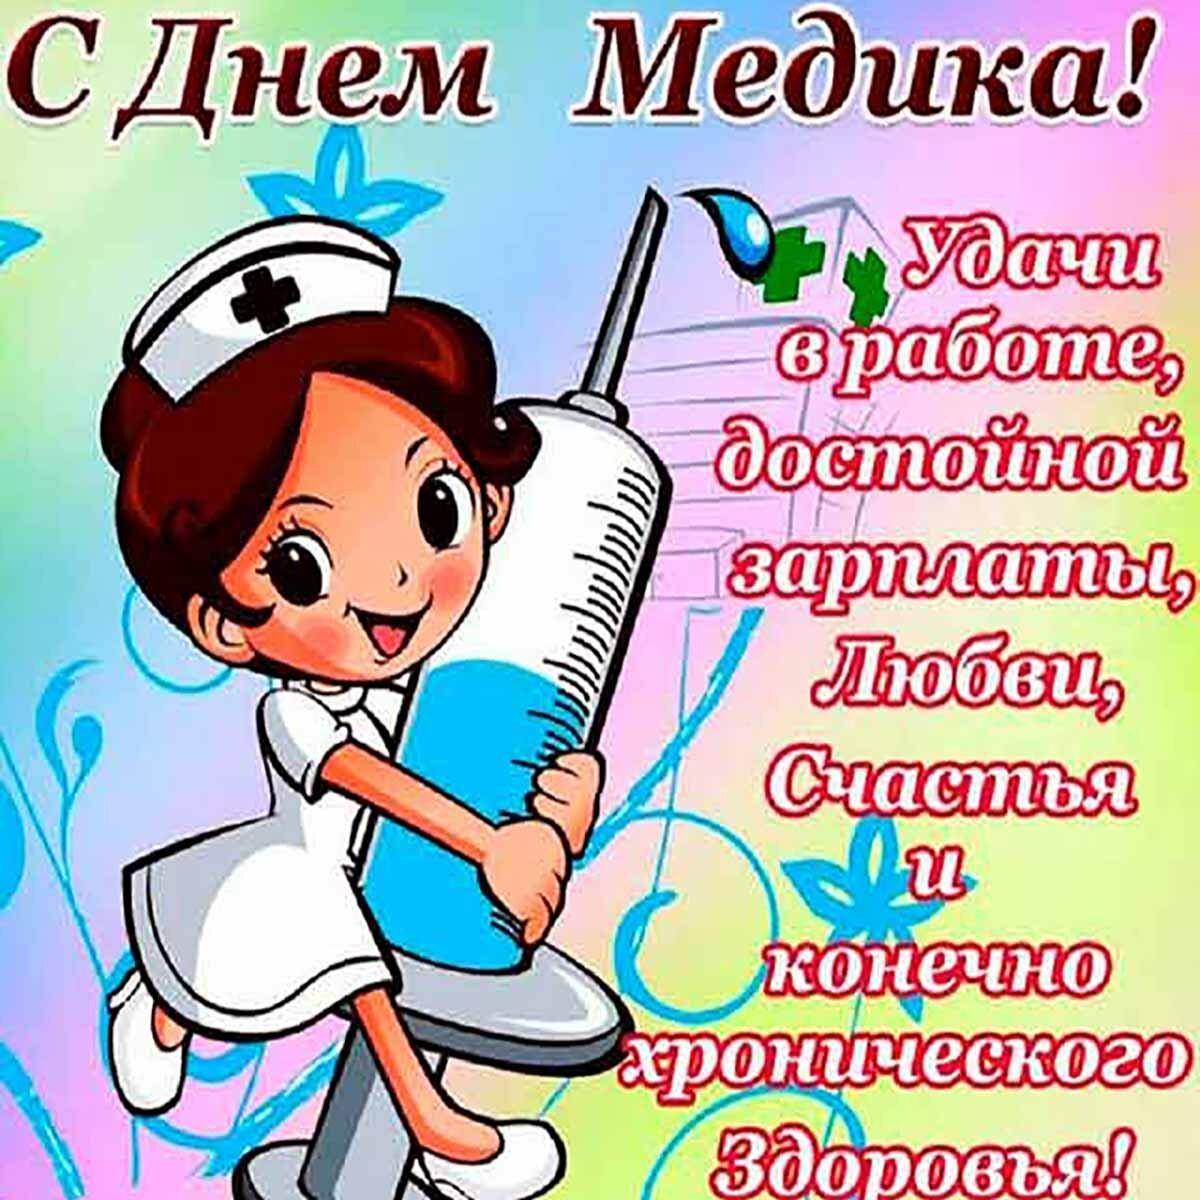 Доброе, картинки для поздравления с днем медицинского работника